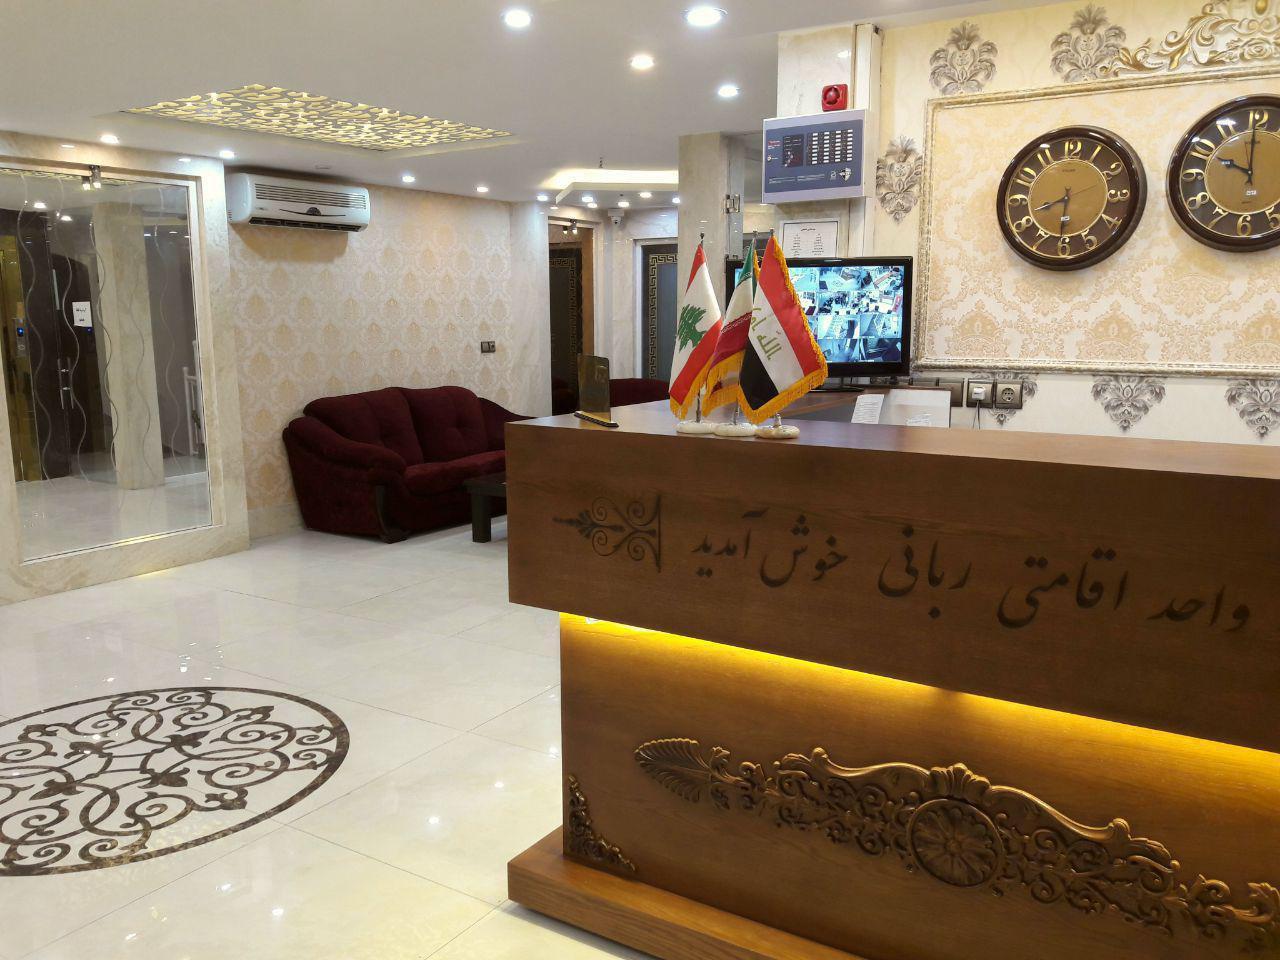 تور هوایی اصفهان مشهد ارزان ، با اقامت در هتل ربانی به مدت 3 روز